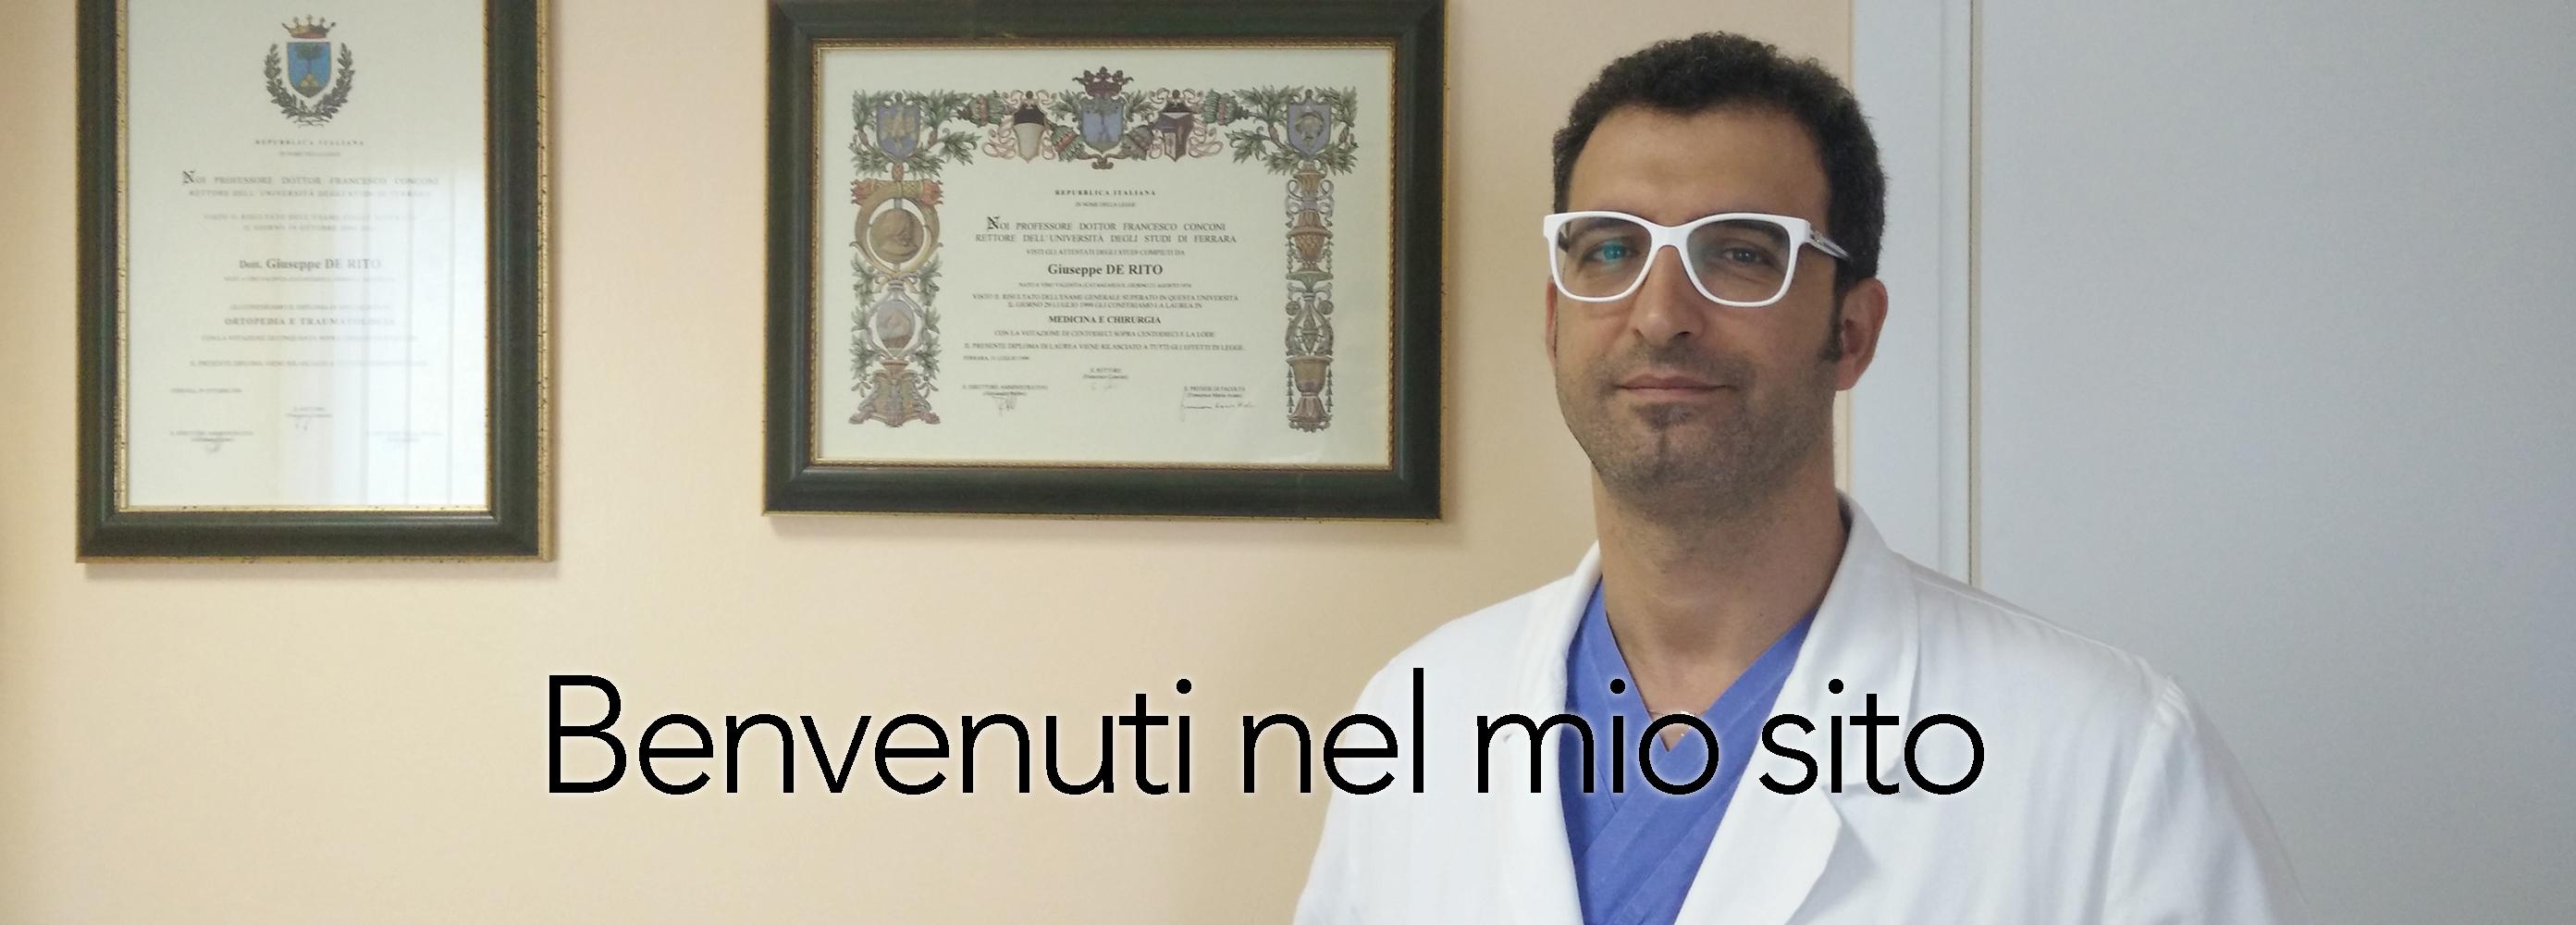 Dottor De Rito